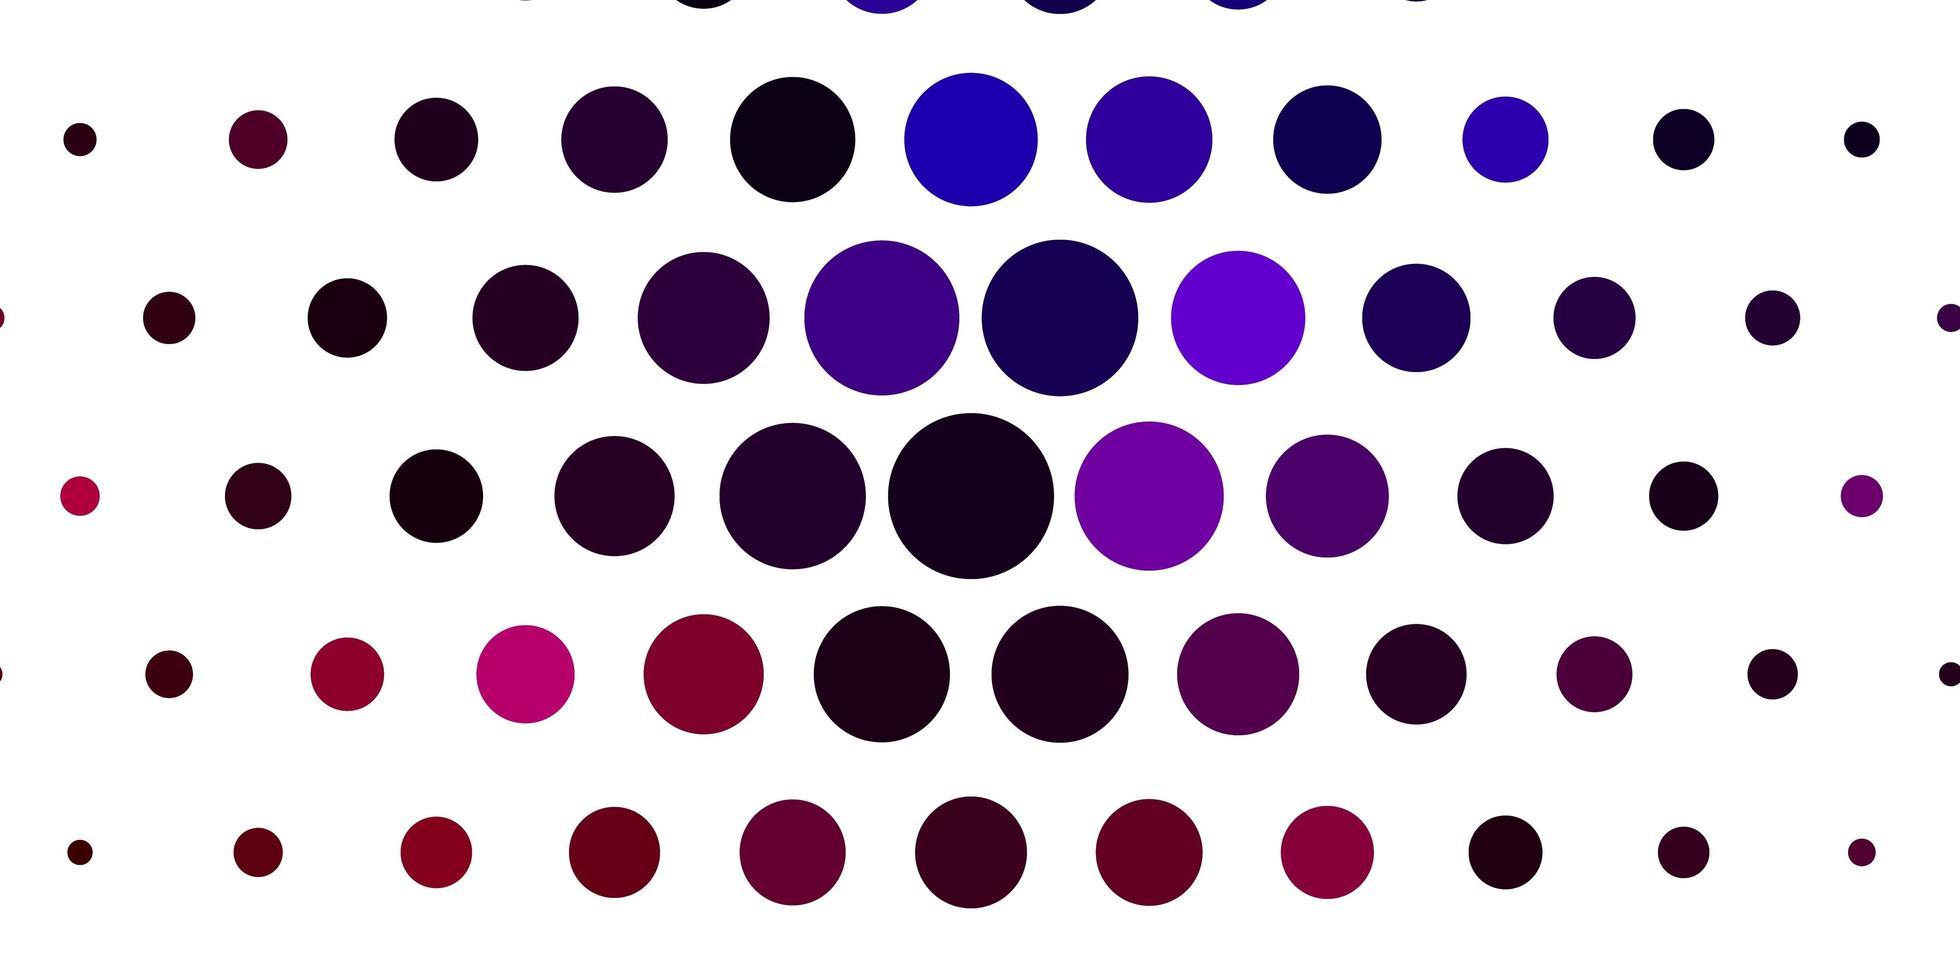 roter, lila Hintergrund mit Blasen. vektor